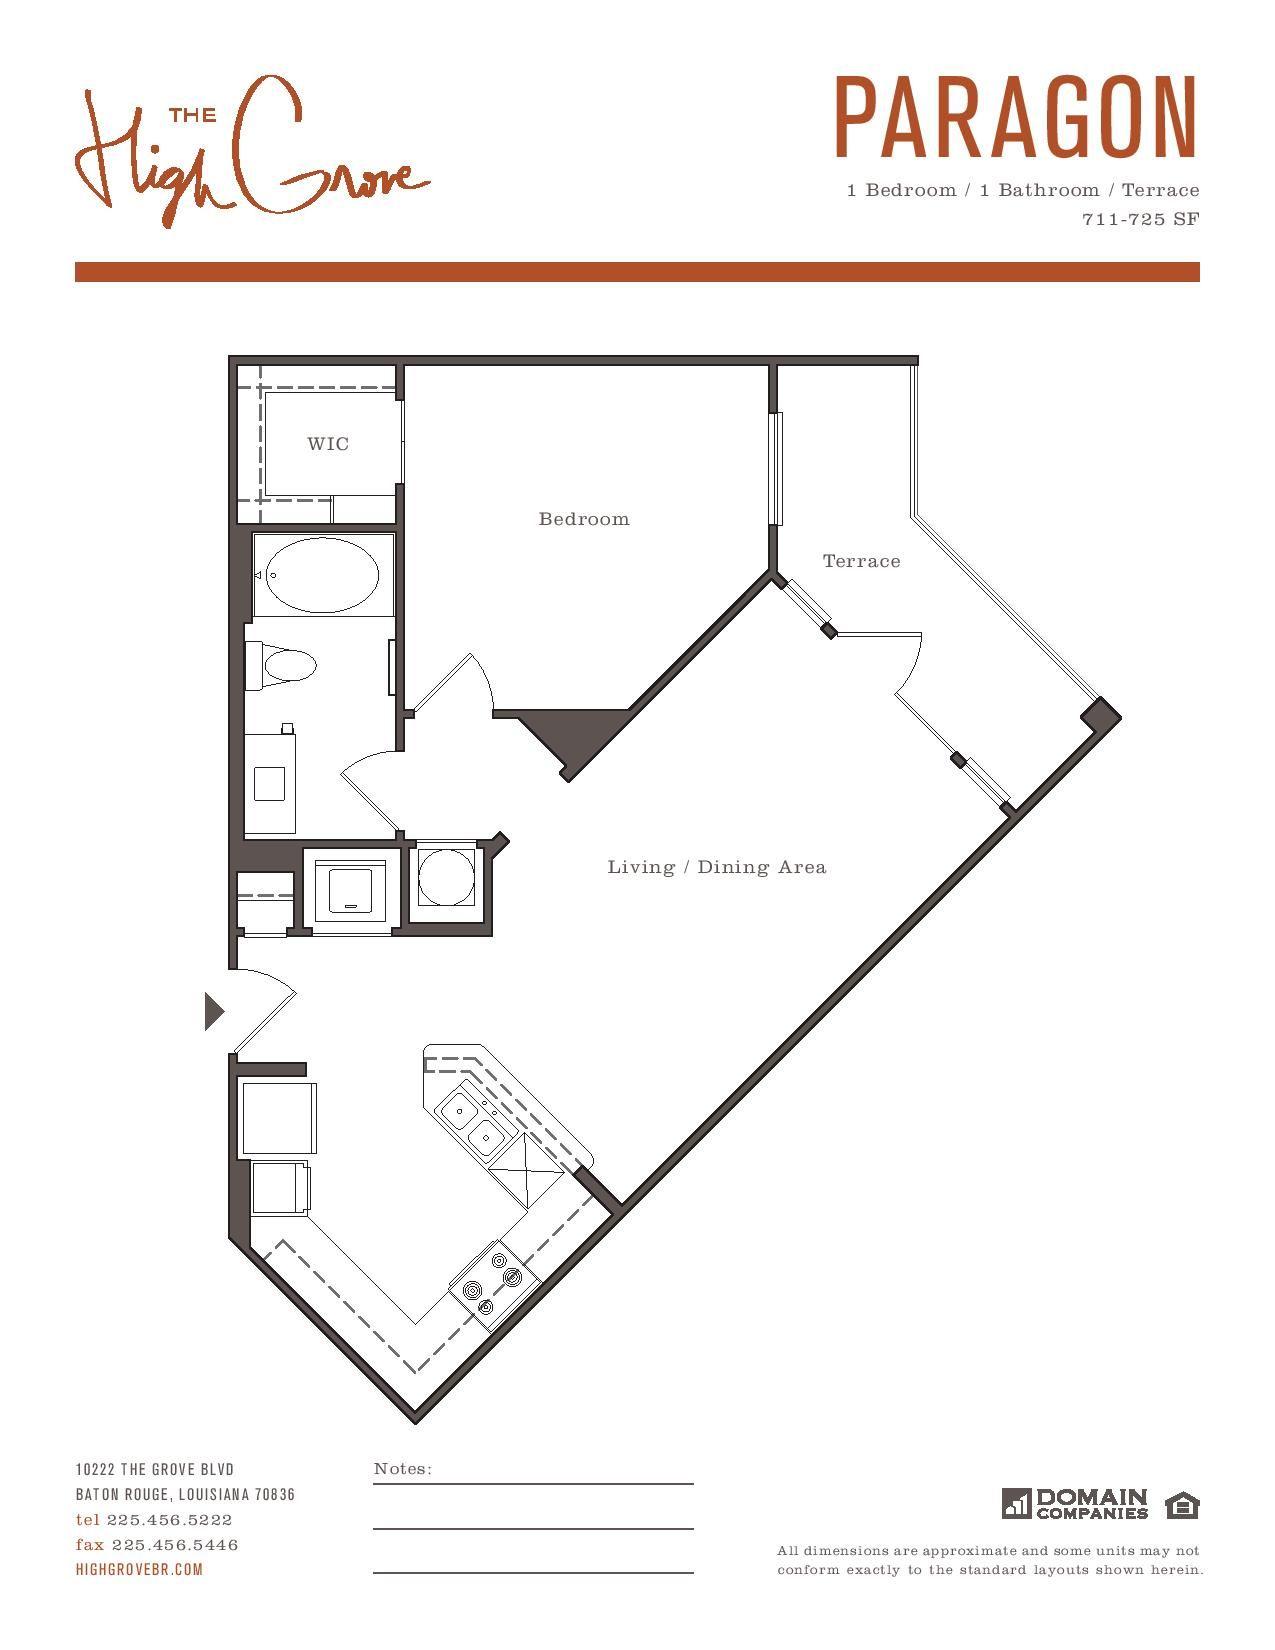 Paragon One Bedroom Floor Plan